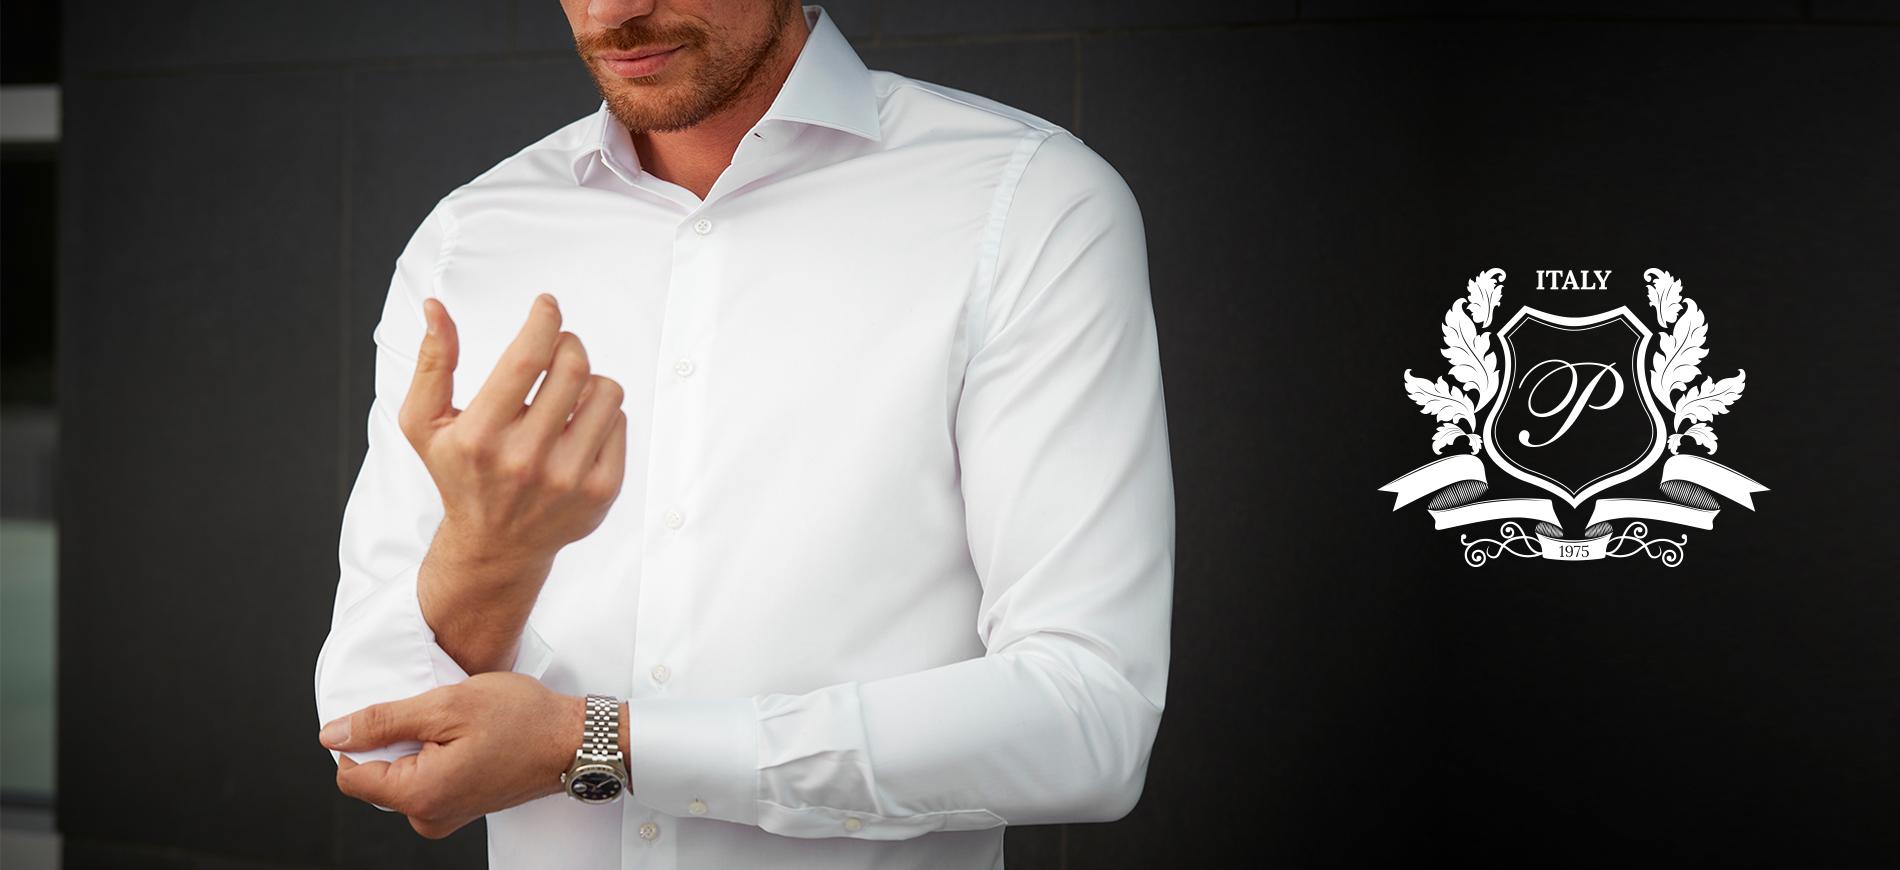 Camicia da uomo elegante - La camicia da uomo elegante - Persechini 01f4d0e3b3d